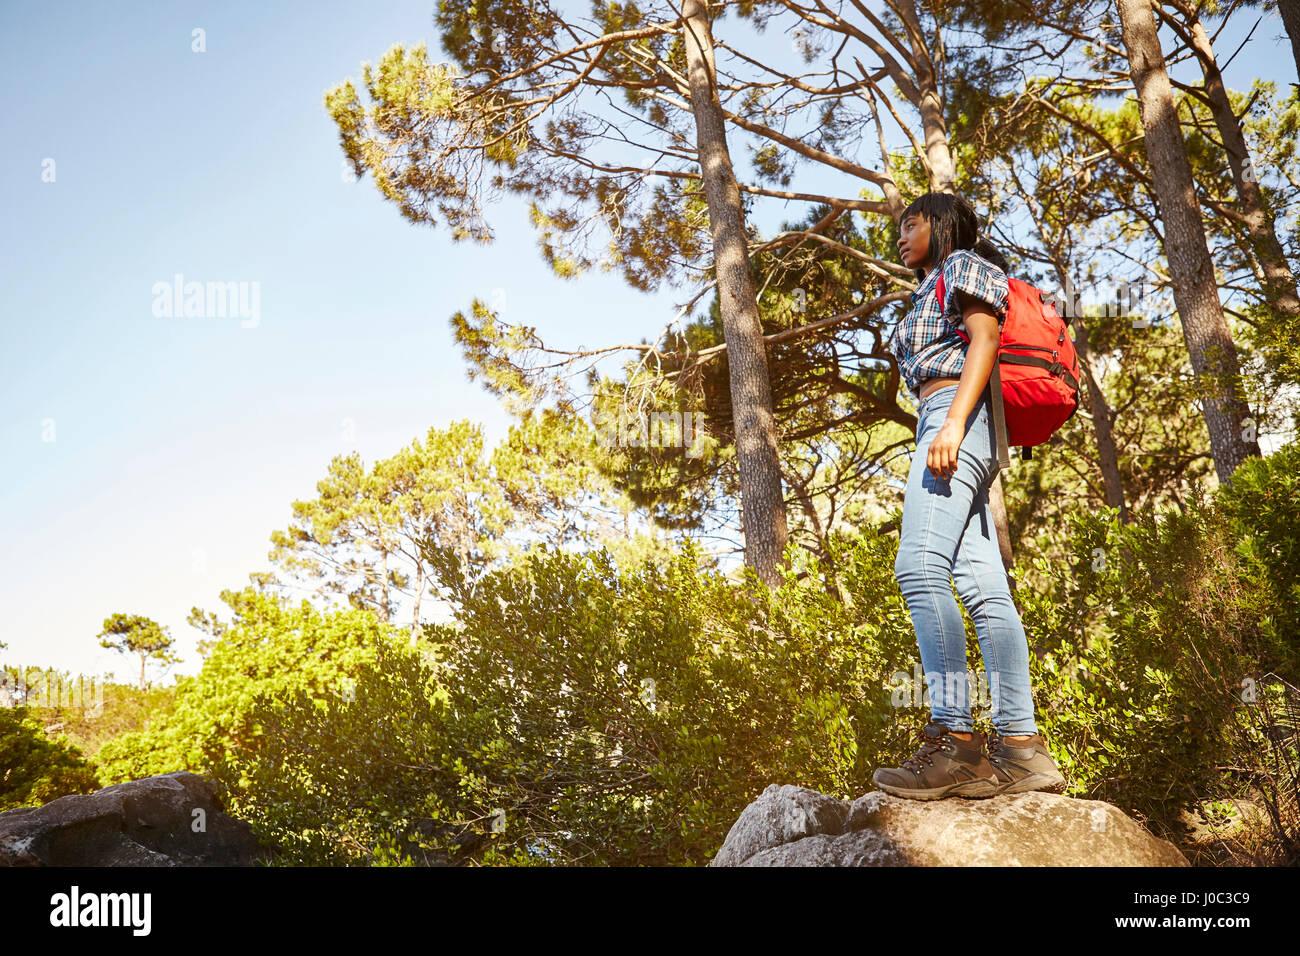 Mujer joven de pie sobre una roca, mirando a ver, Ciudad del Cabo, Sudáfrica Imagen De Stock